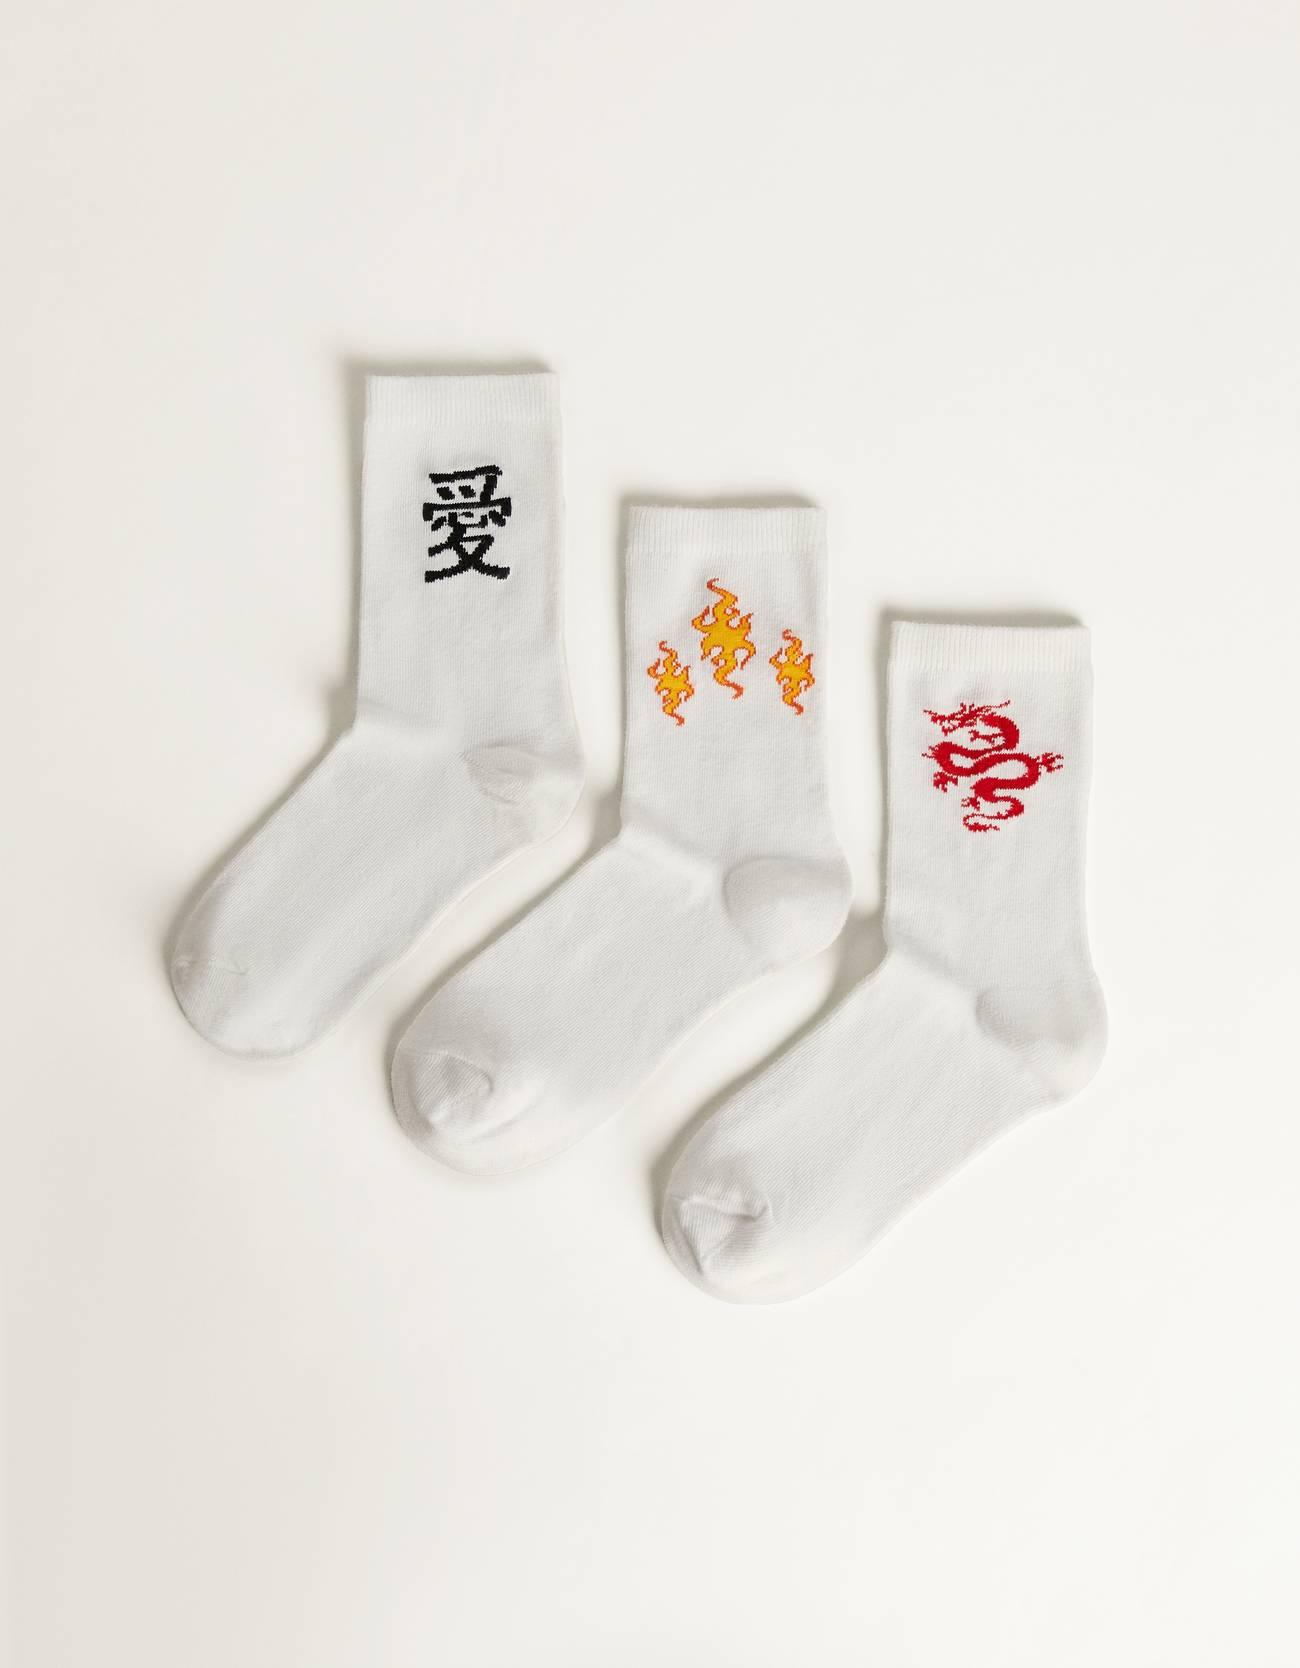 Pack de tres pares de calcetines con llamas y motivos asiáticos